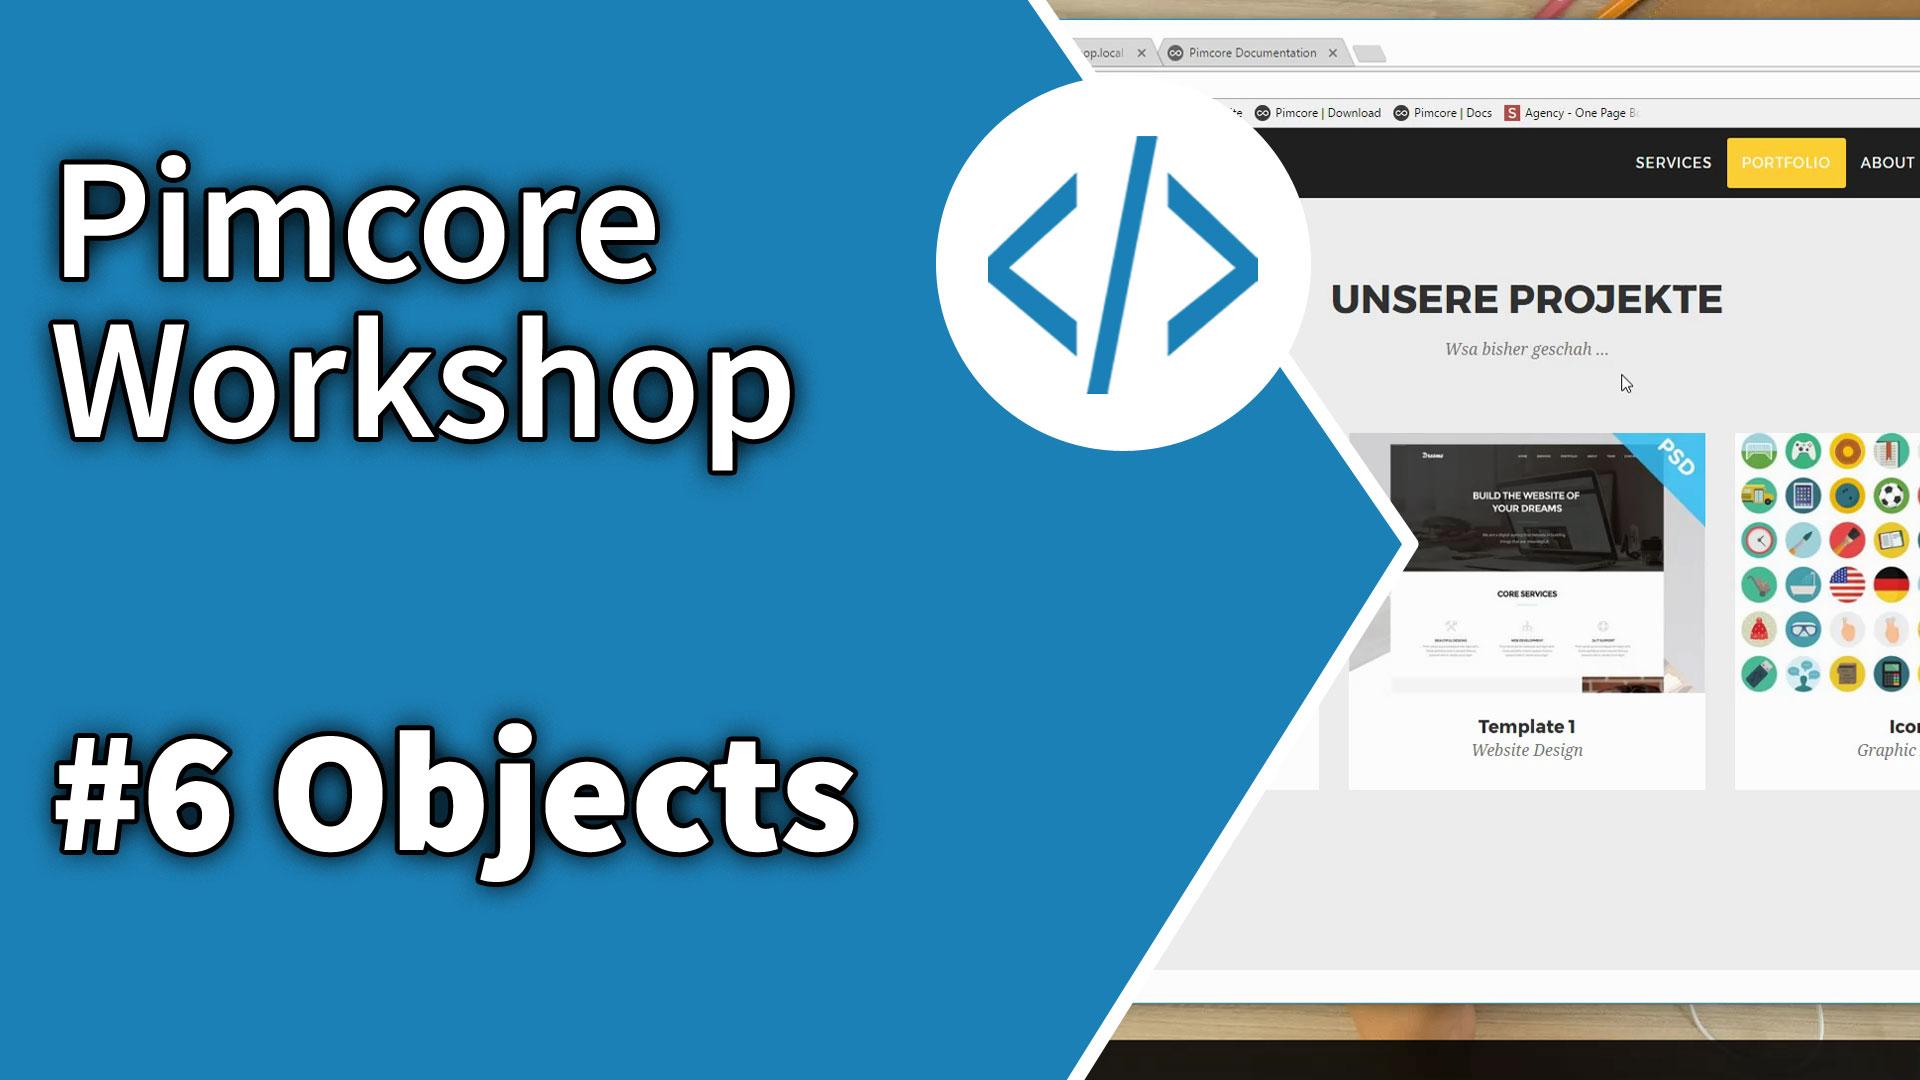 Pimcore Workshop: Projekt Portfolio mit Objekten